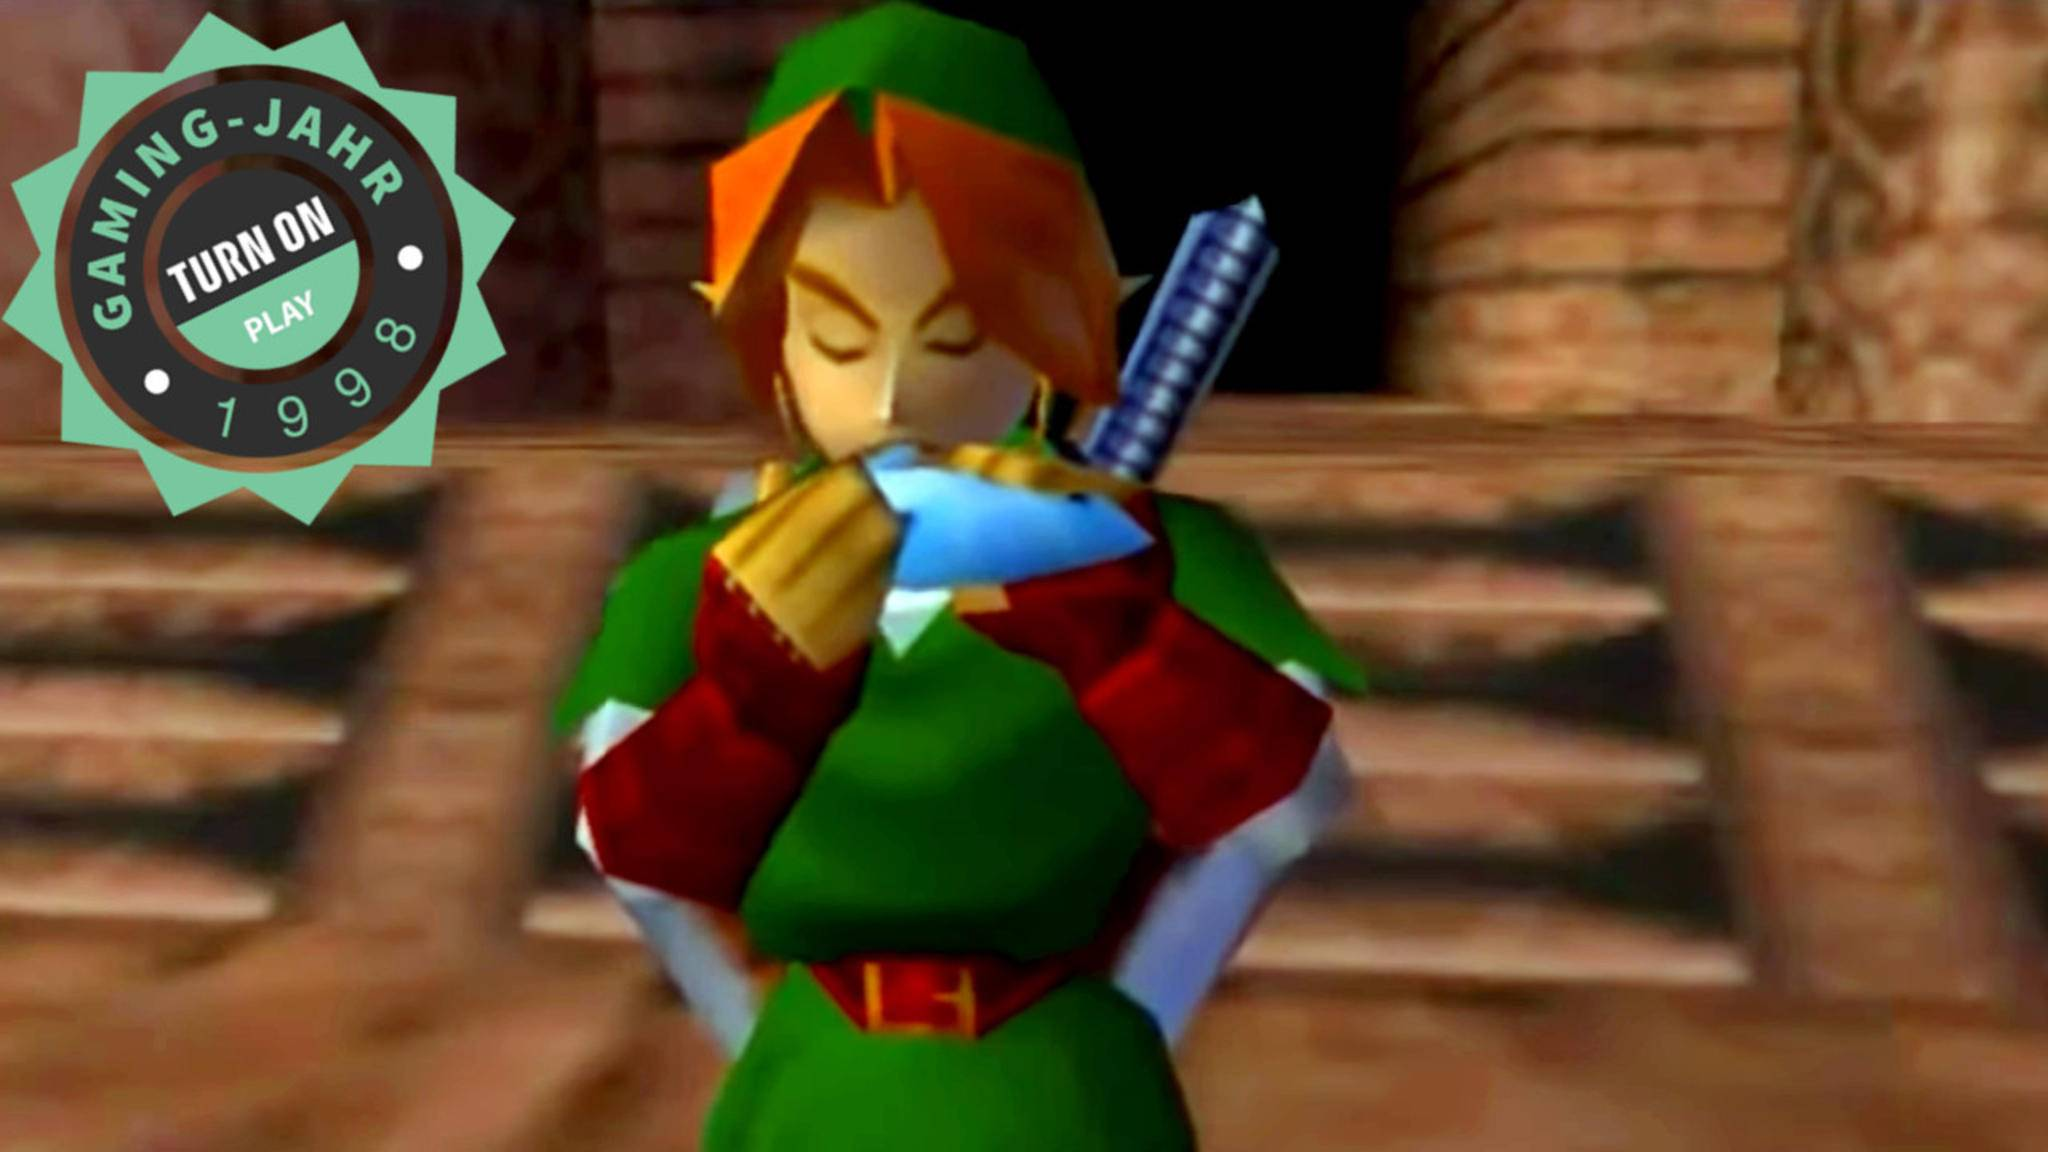 Link und seine Okarina waren die Stars in einem von vielen Spieleklassikern des Jahres 1998.